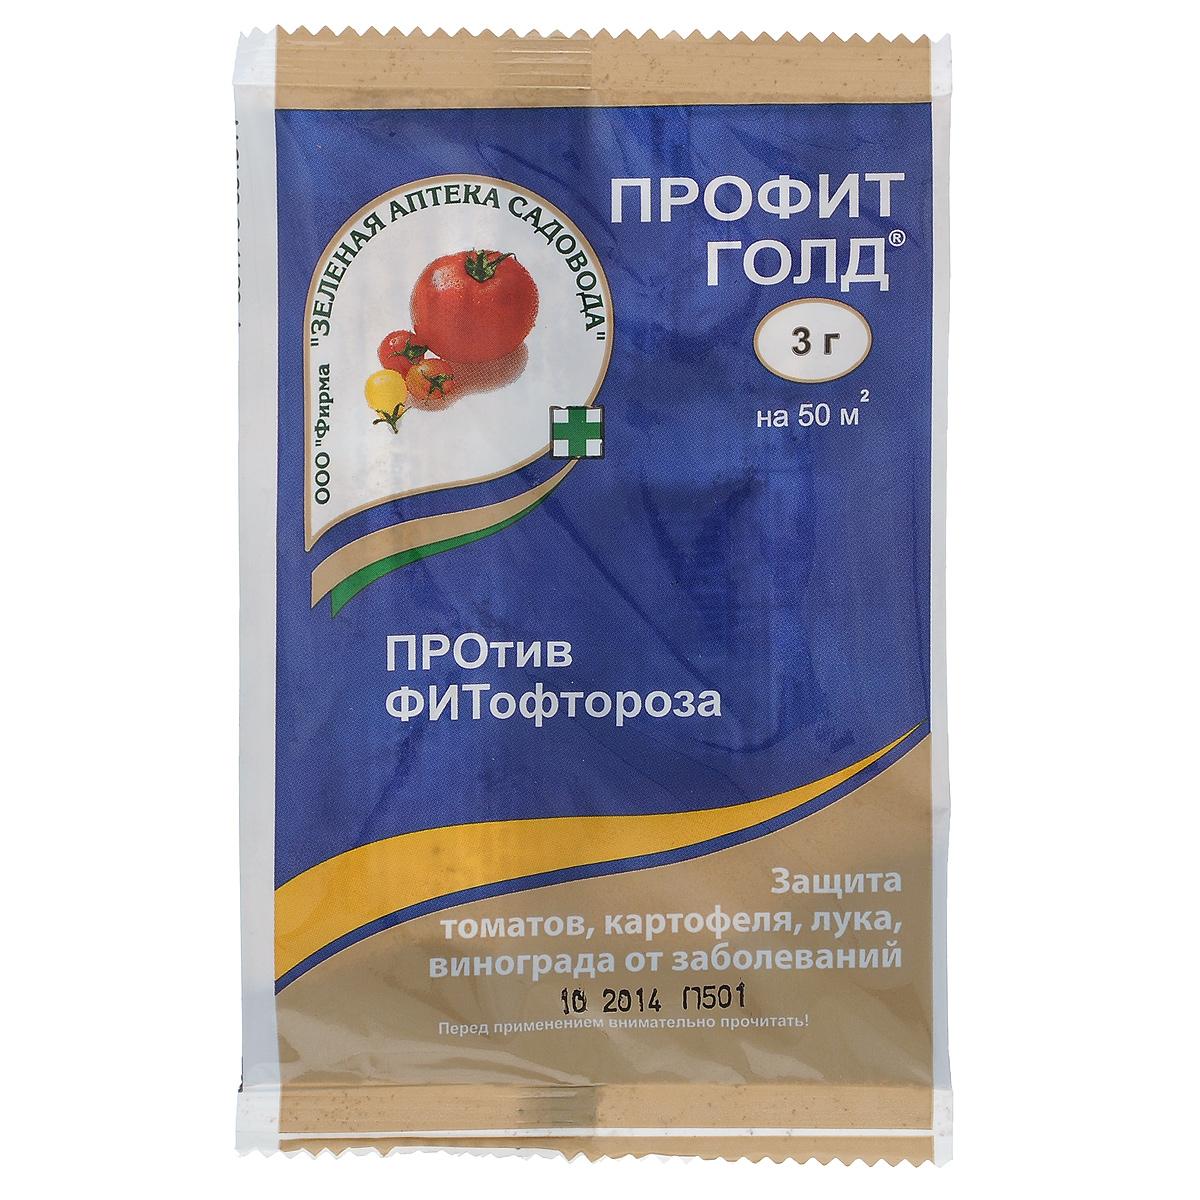 Средство Профит Голд, против фитофтороза, 3 г адвокам голд